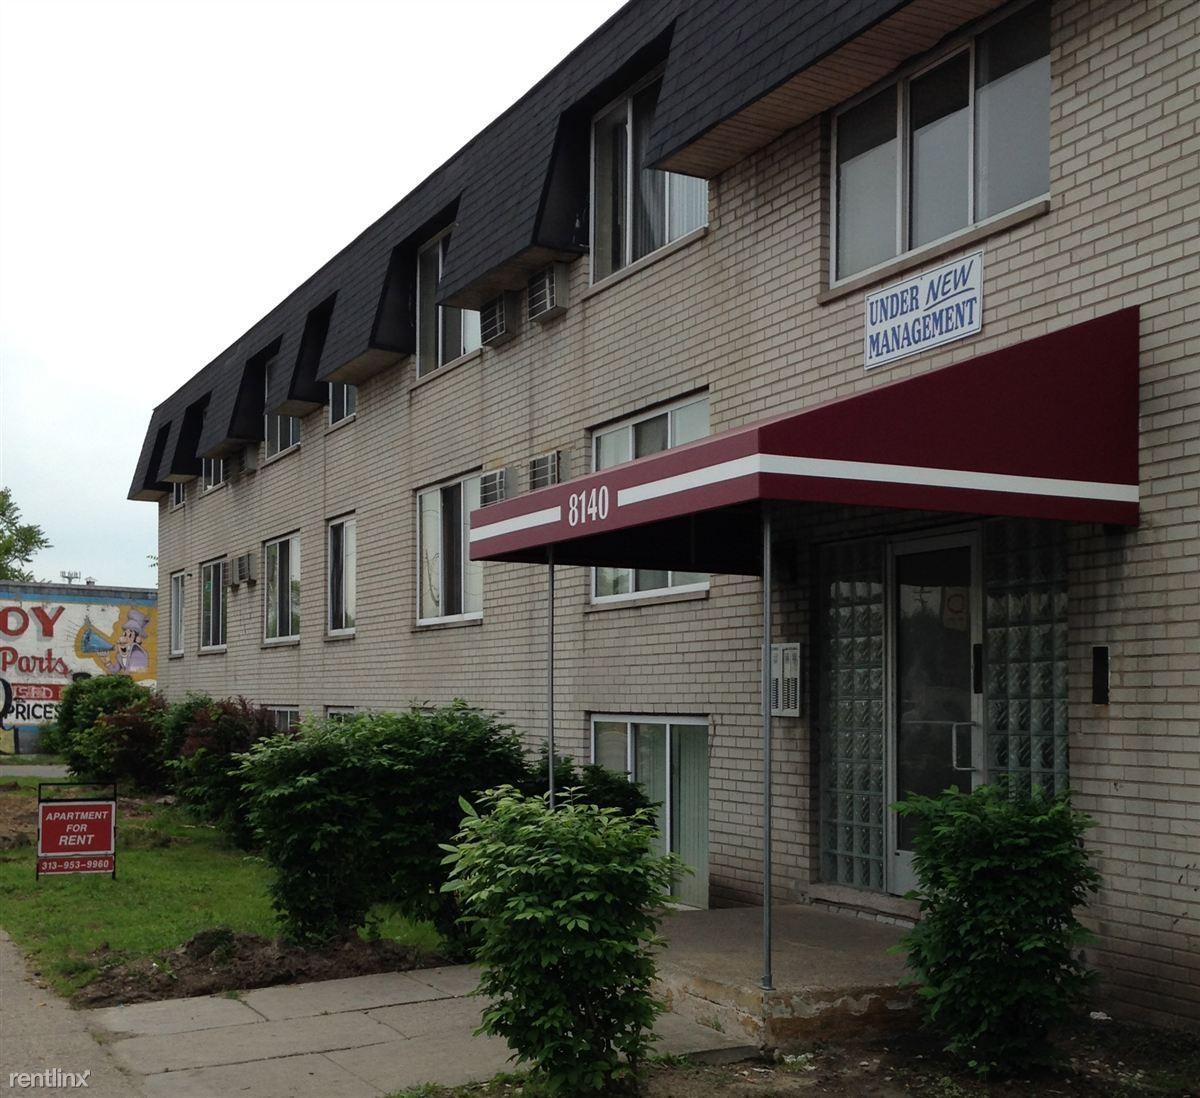 Complex Apartment For Rent: 4661 Outer Dr E, Detroit, MI 48234